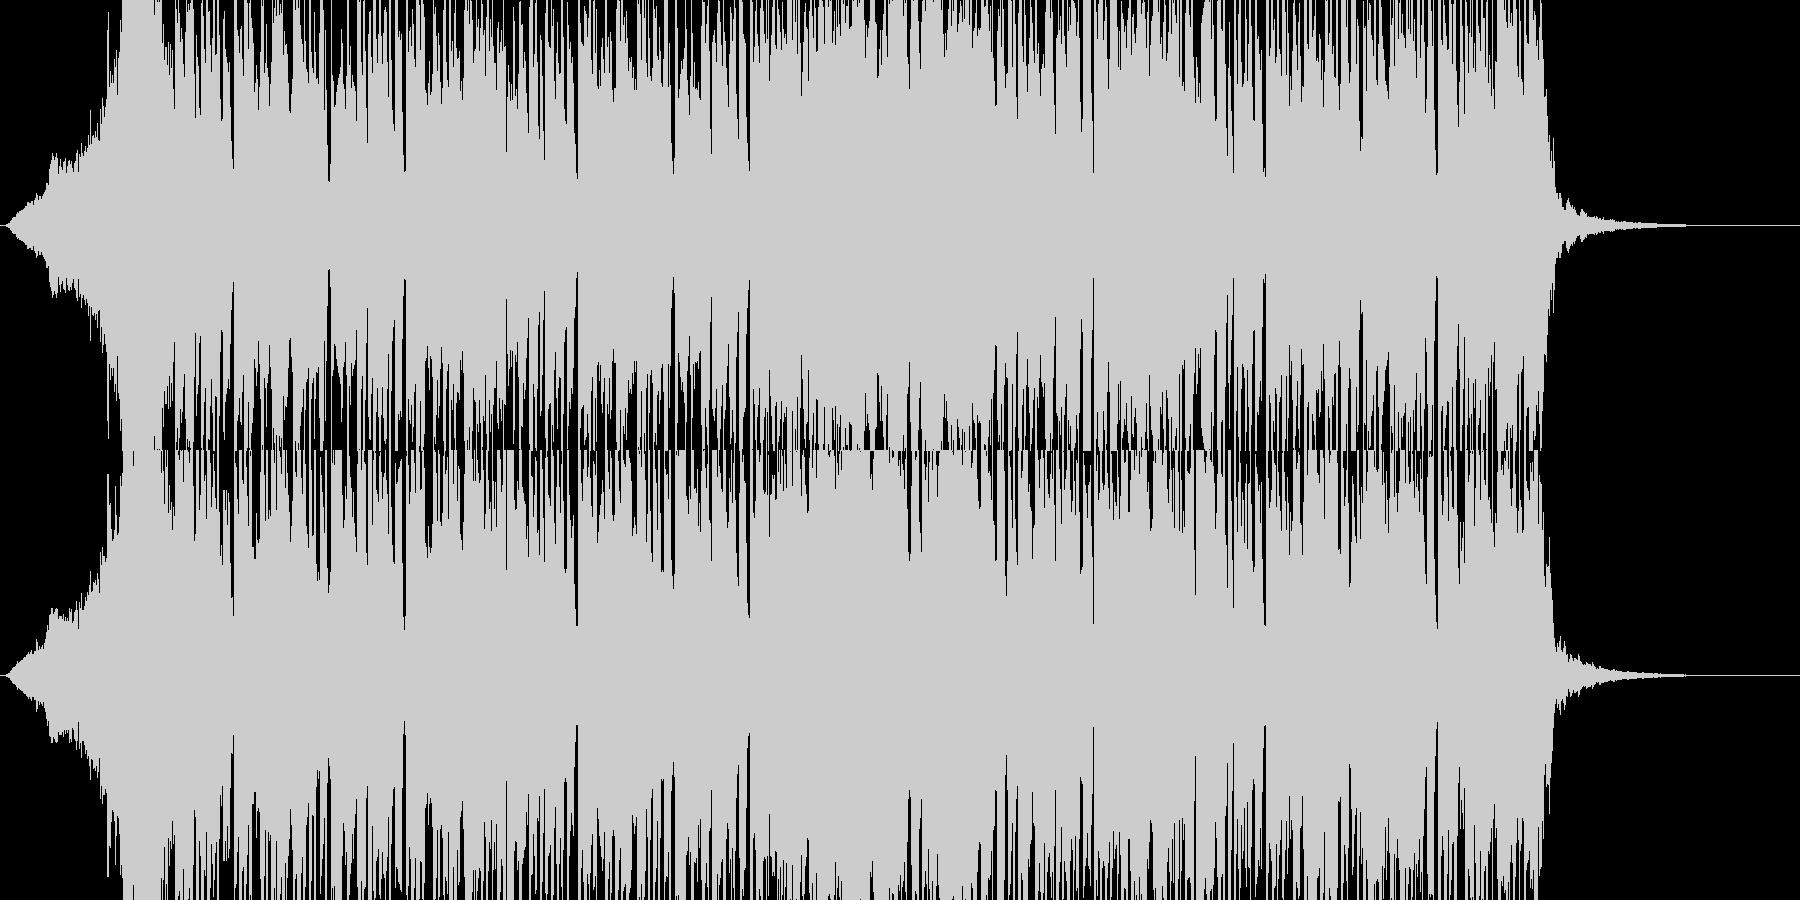 変態的な騒がしくゴチャっとしたシンセ曲の未再生の波形